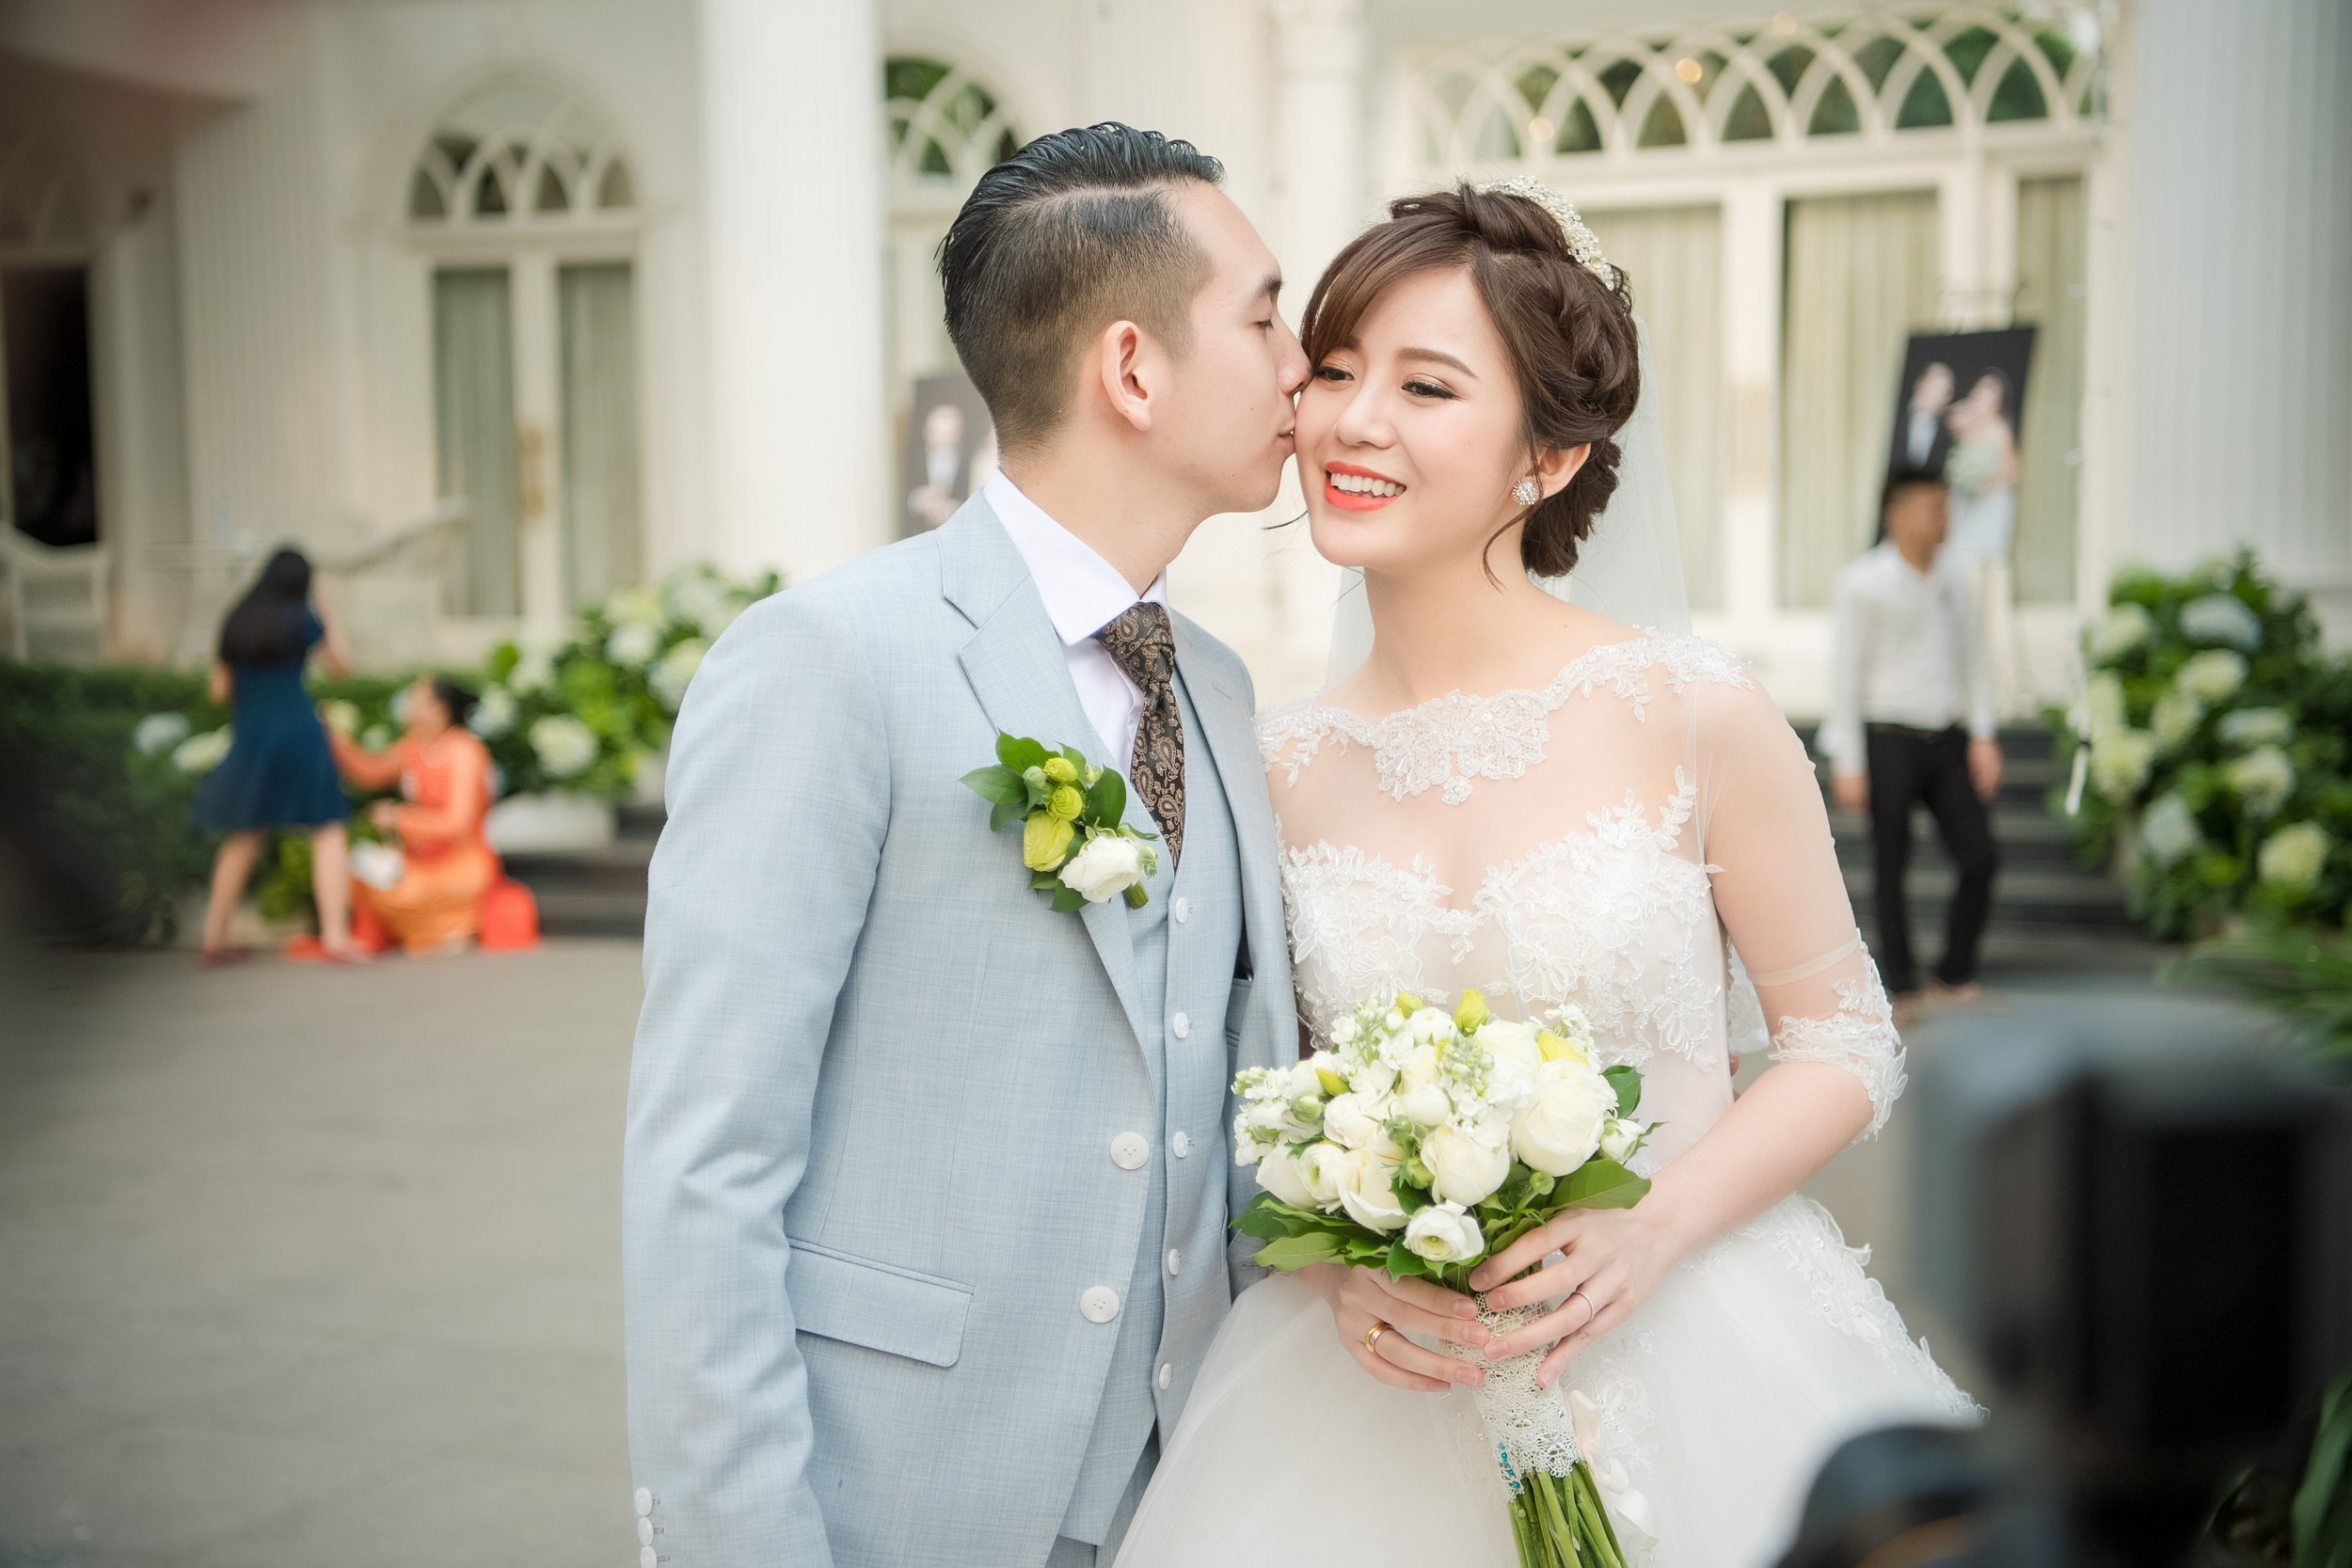 Tú Linh bật khóc cảm ơn bố mẹ chồng trong đám cưới - Ảnh 9.